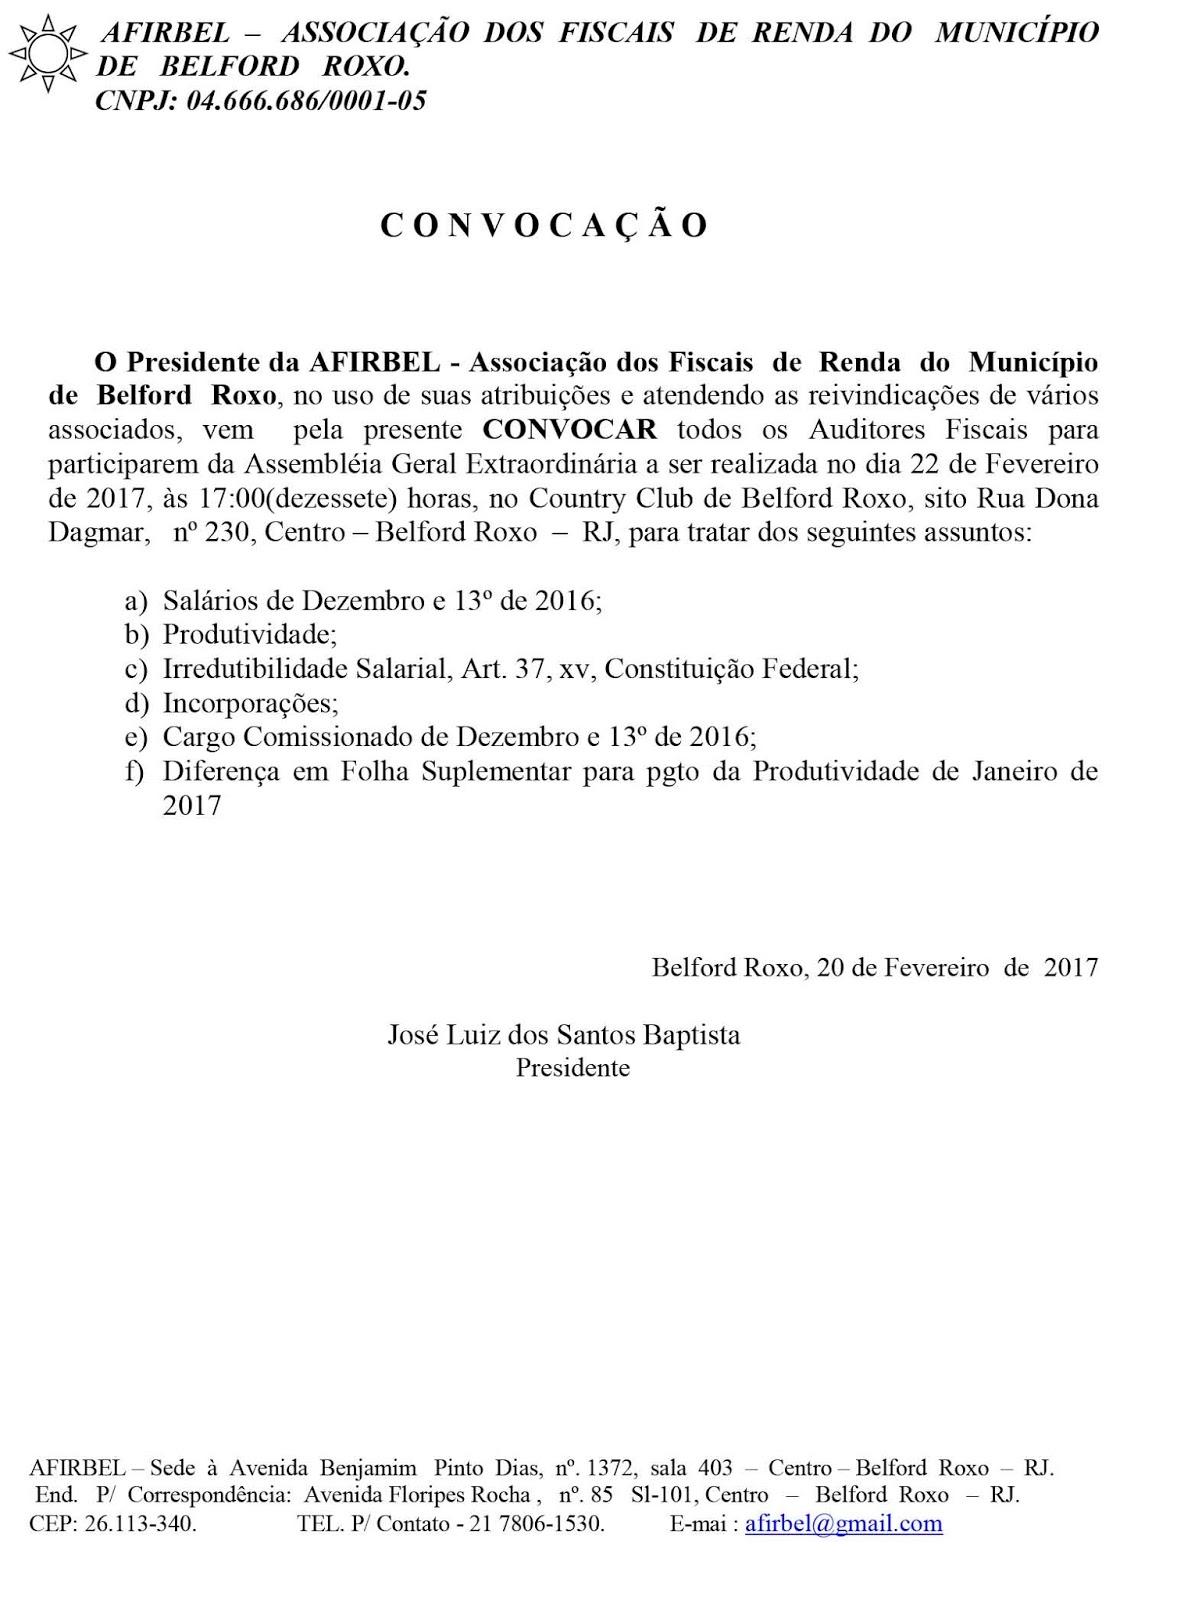 f155bbd6a EDITAL DE CONVOCAÇÃO PARA ASSEMBLEIA GERAL EXTRAORDINÁRIA DA ASSOCIAÇÃO DOS  FISCAIS DE RENDA DO MUNICÍPIO DE BELFORD ROXO